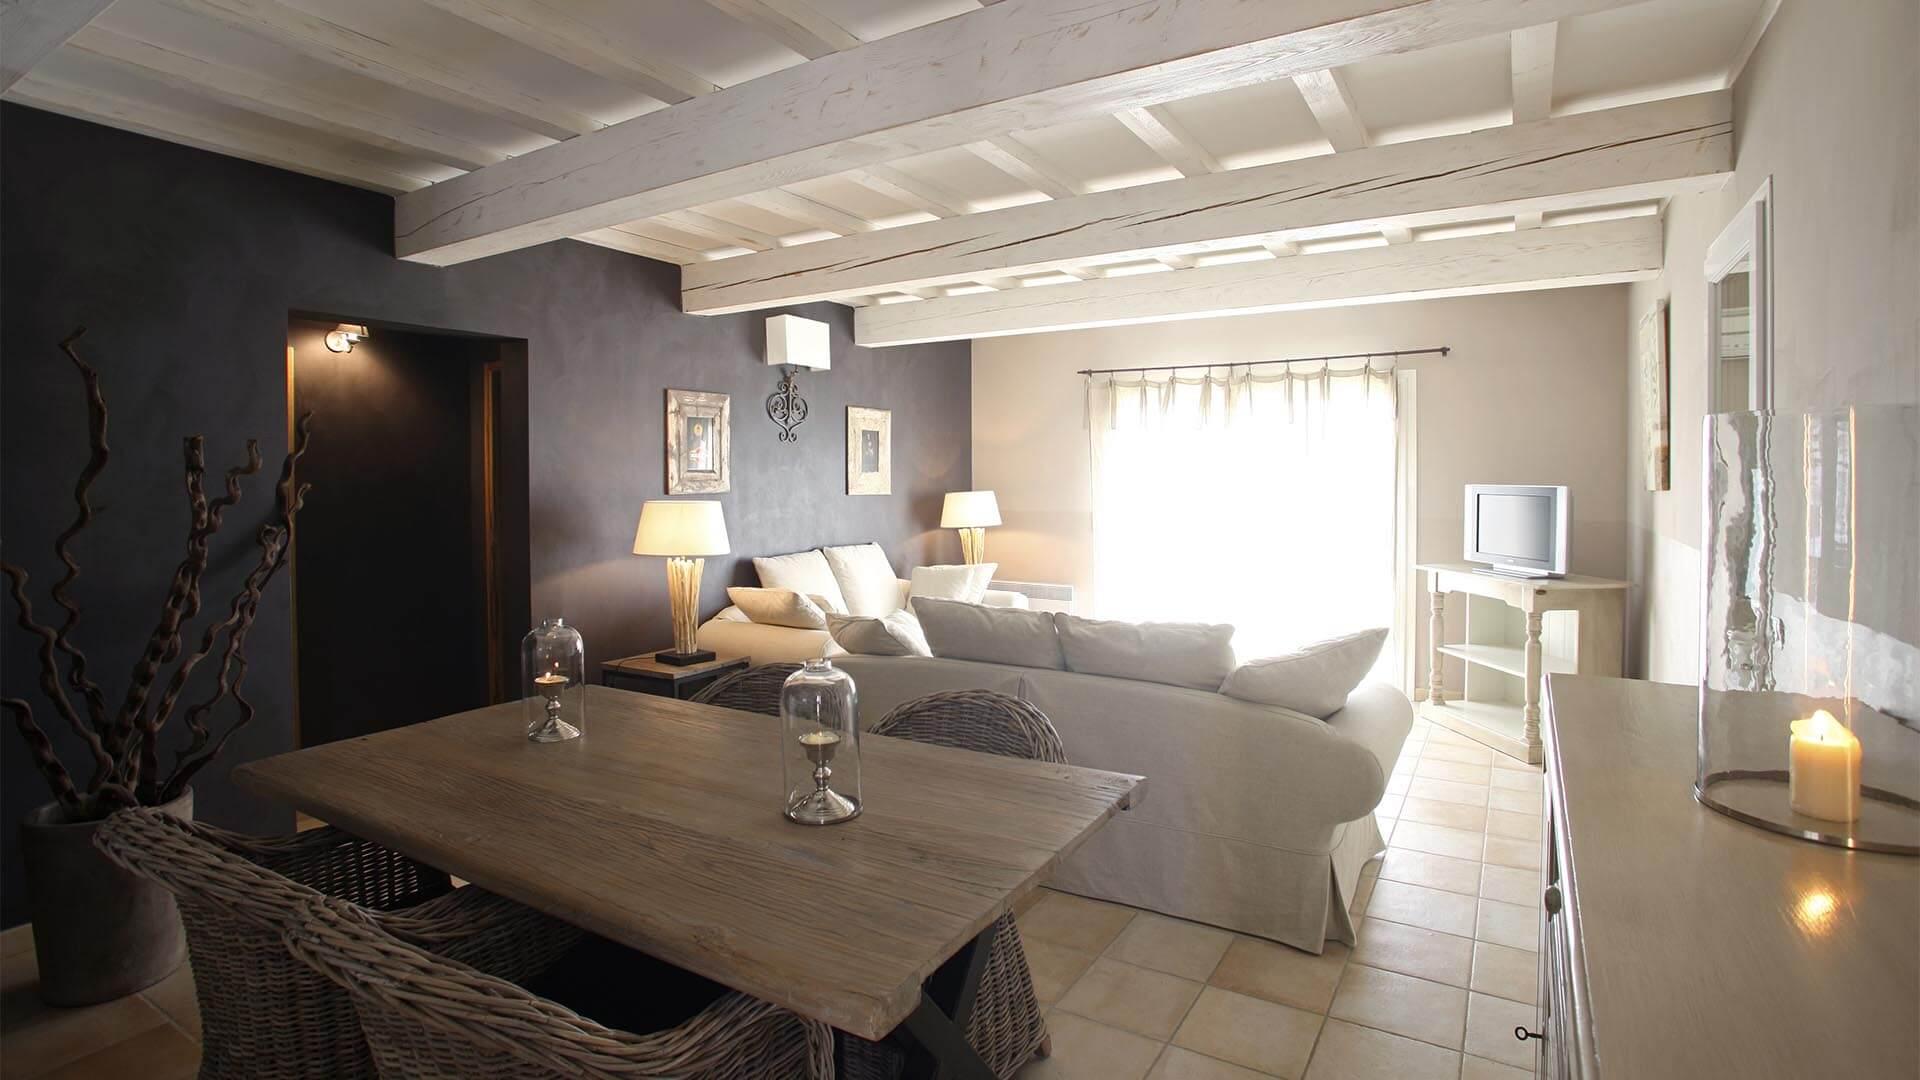 Location maison de vacances Forcalquier | Villa la source | Salon, salle à manger avec climatisation